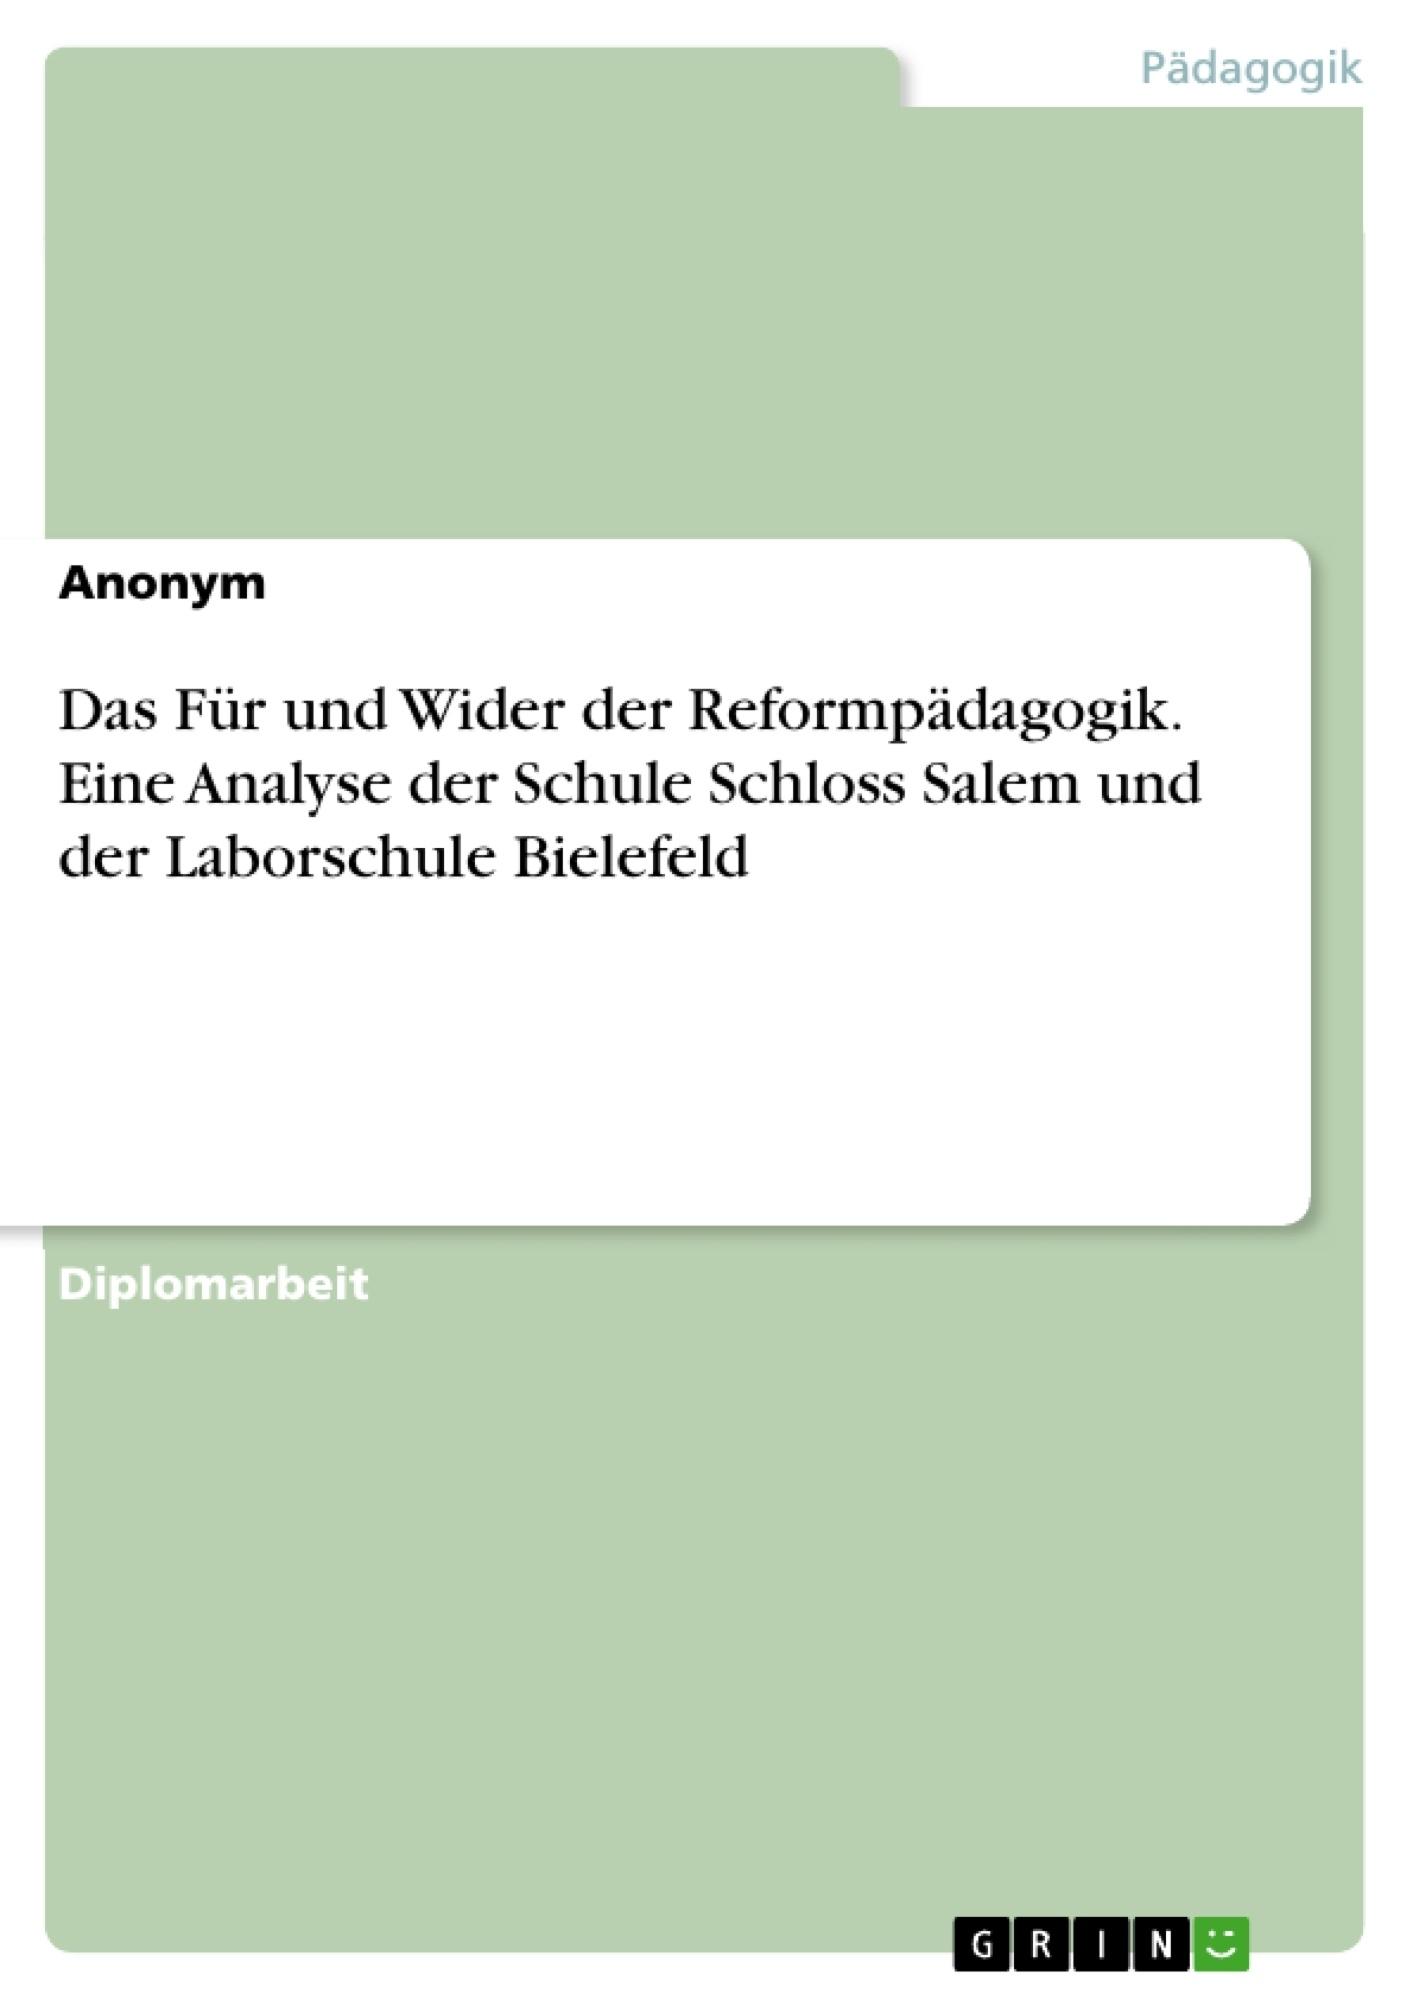 Titel: Das Für und Wider der Reformpädagogik. Eine Analyse der Schule Schloss Salem und der Laborschule Bielefeld